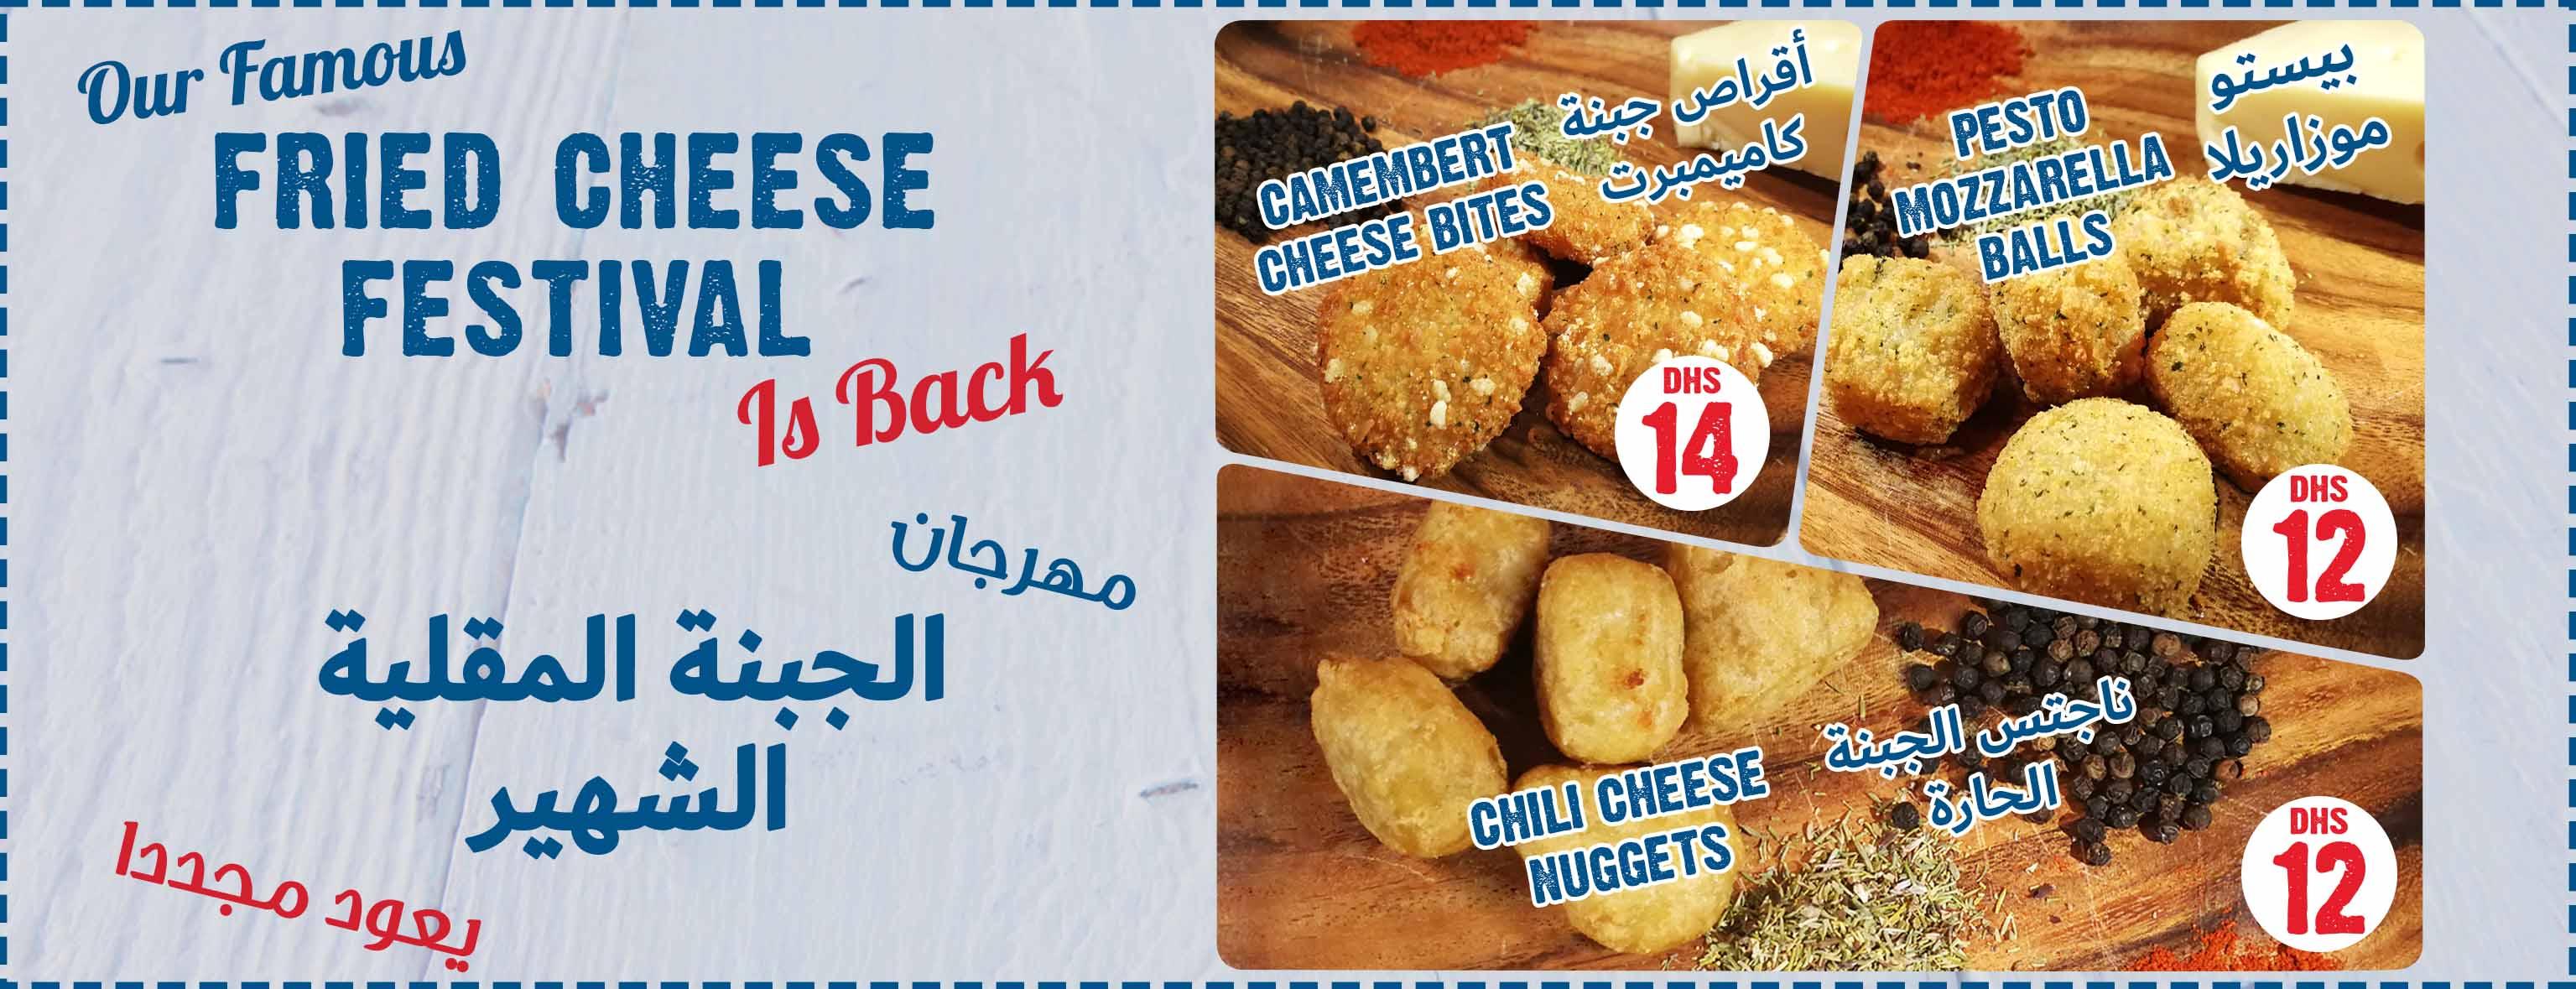 London Fish & Chips - Seafood Restaurant in Dubai, Saudi Arabia & UK